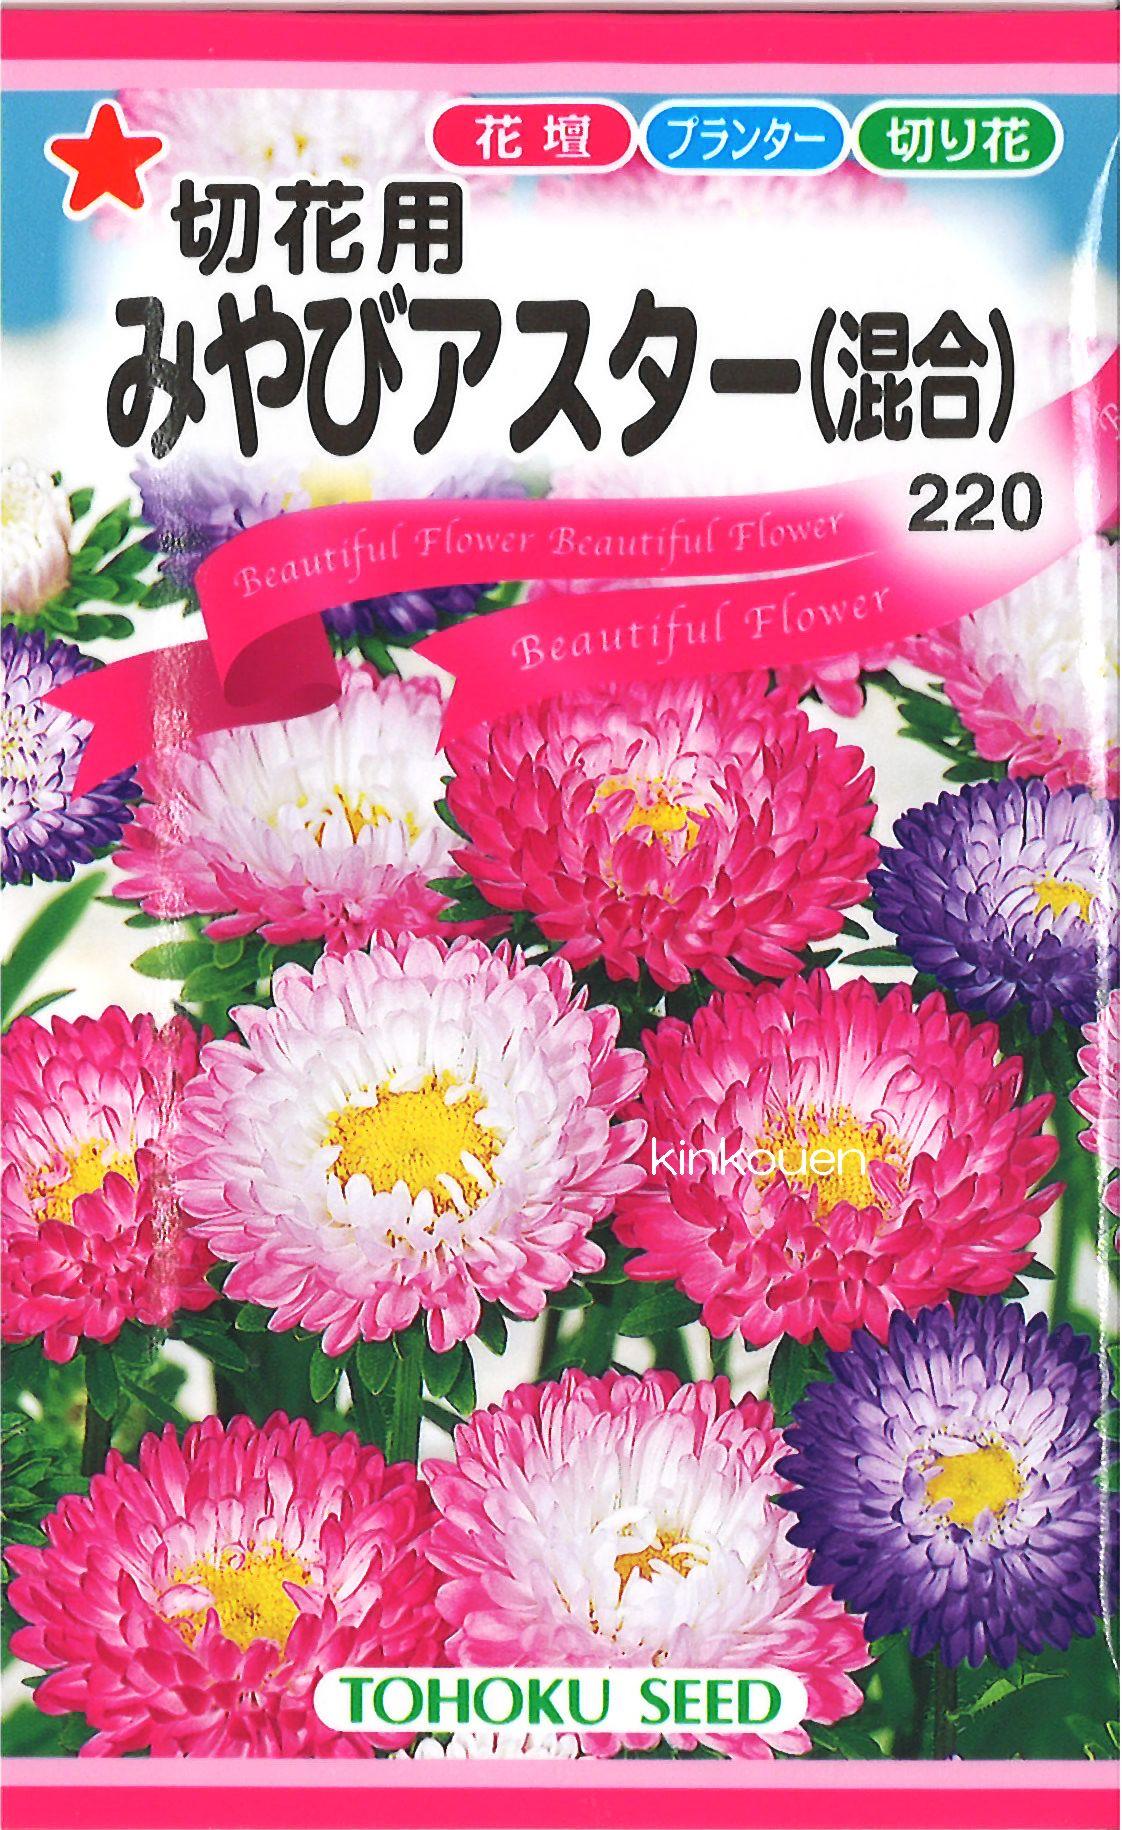 【代引不可】【5袋まで送料80円】 □切花用みやびアスター